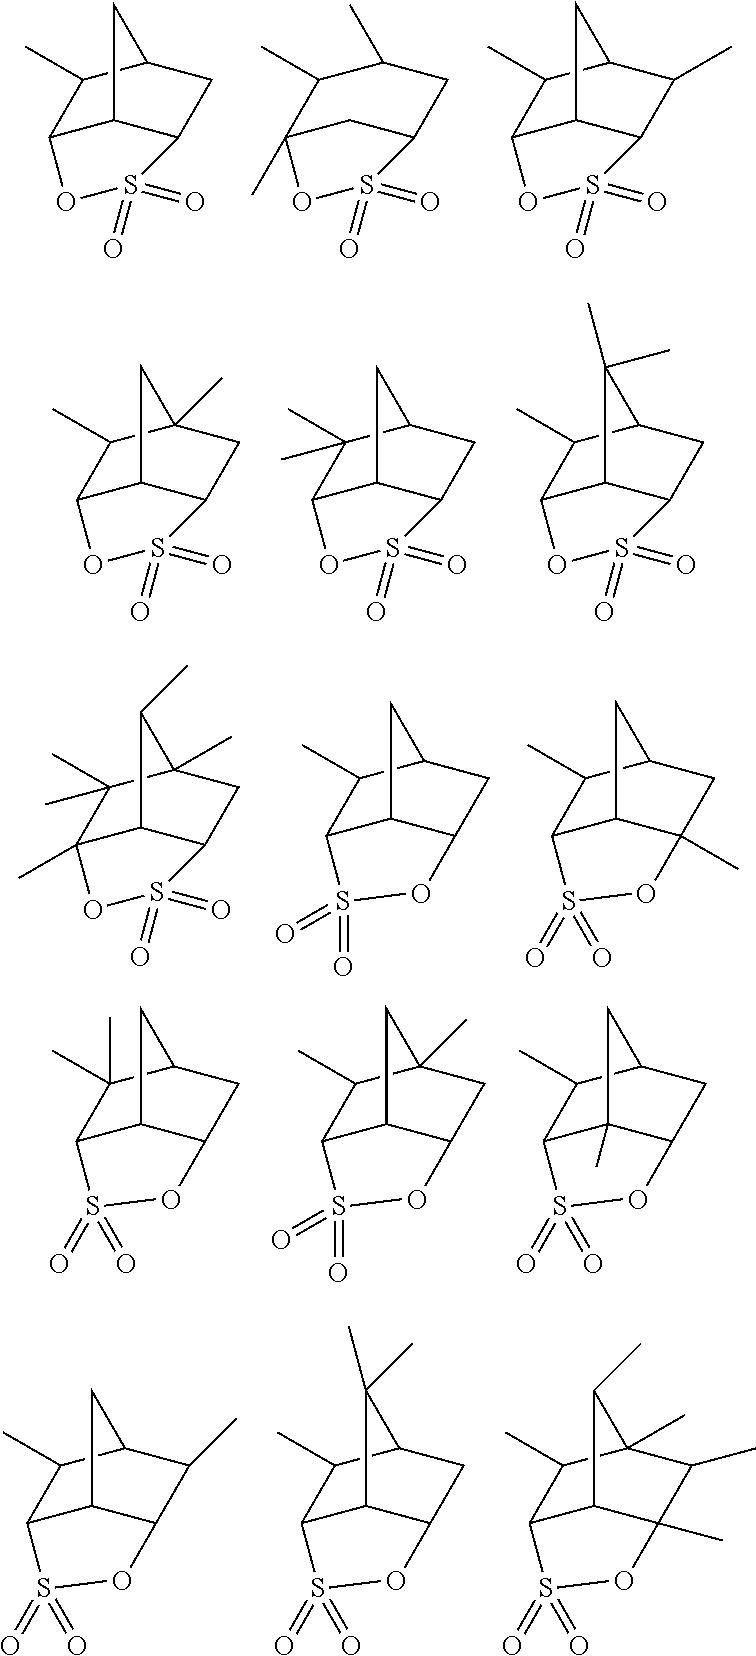 Figure US20100323296A1-20101223-C00081